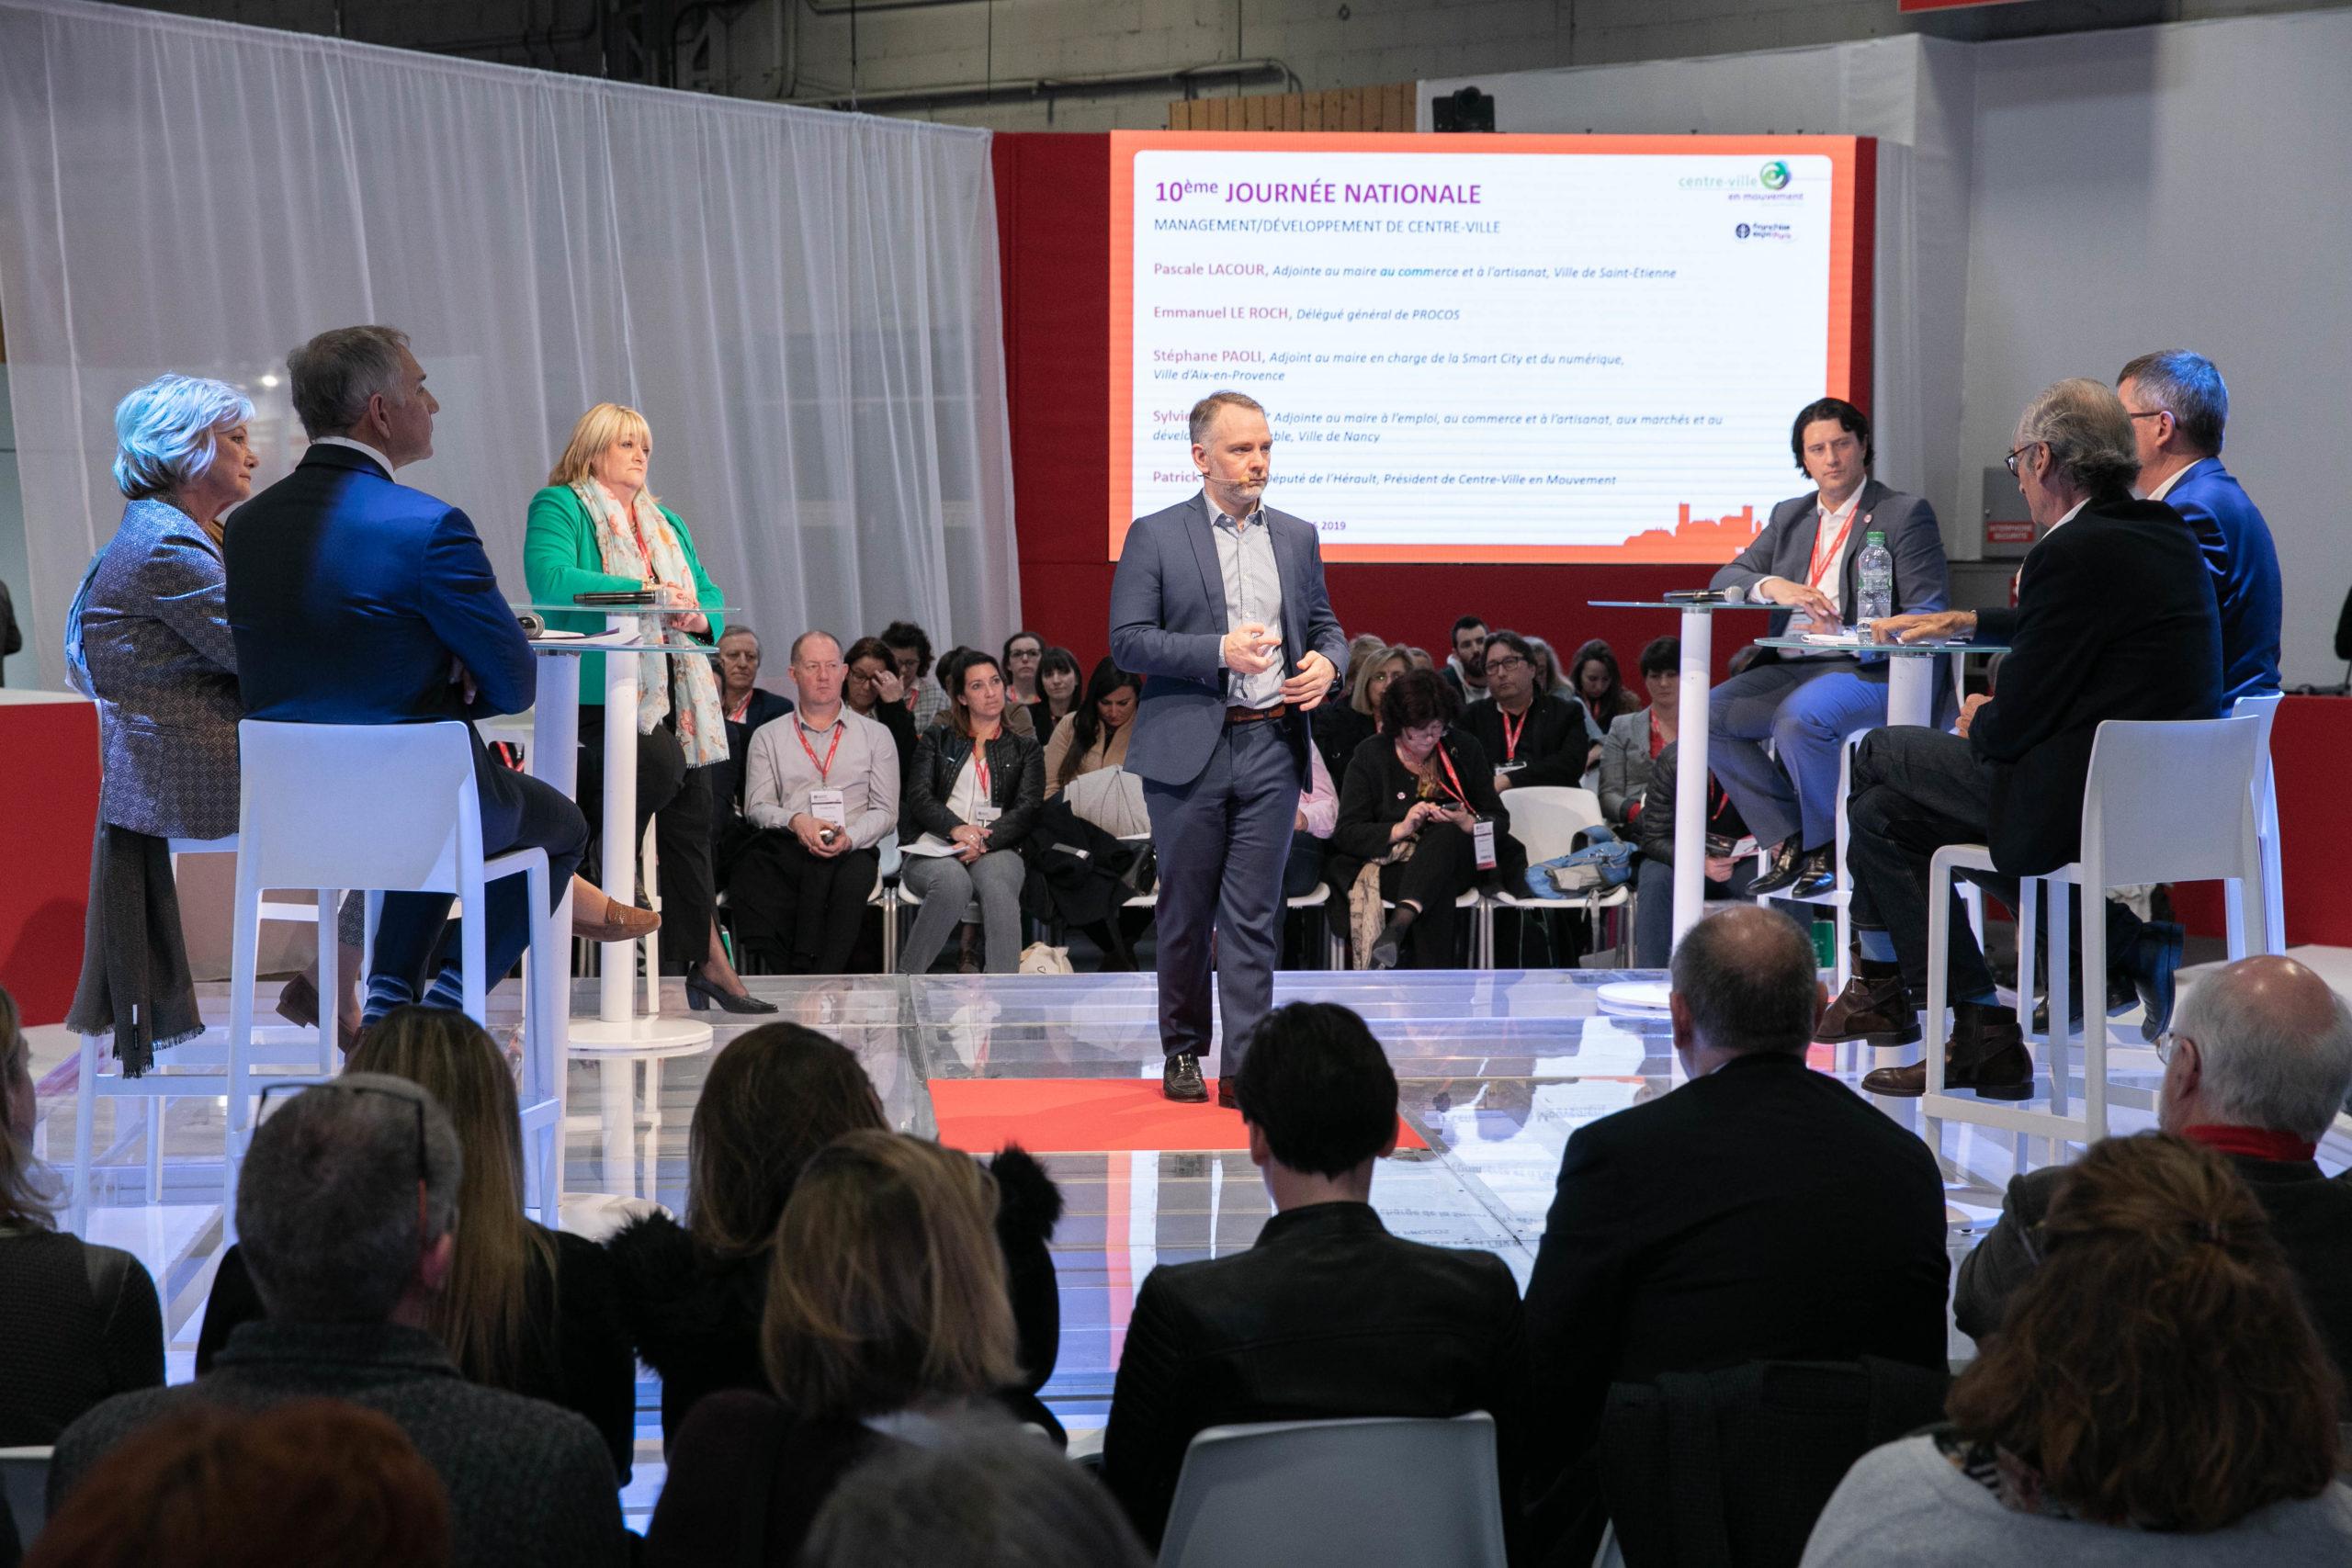 Retour 10ème Journée Nationale Management/Développement de Centre-Ville